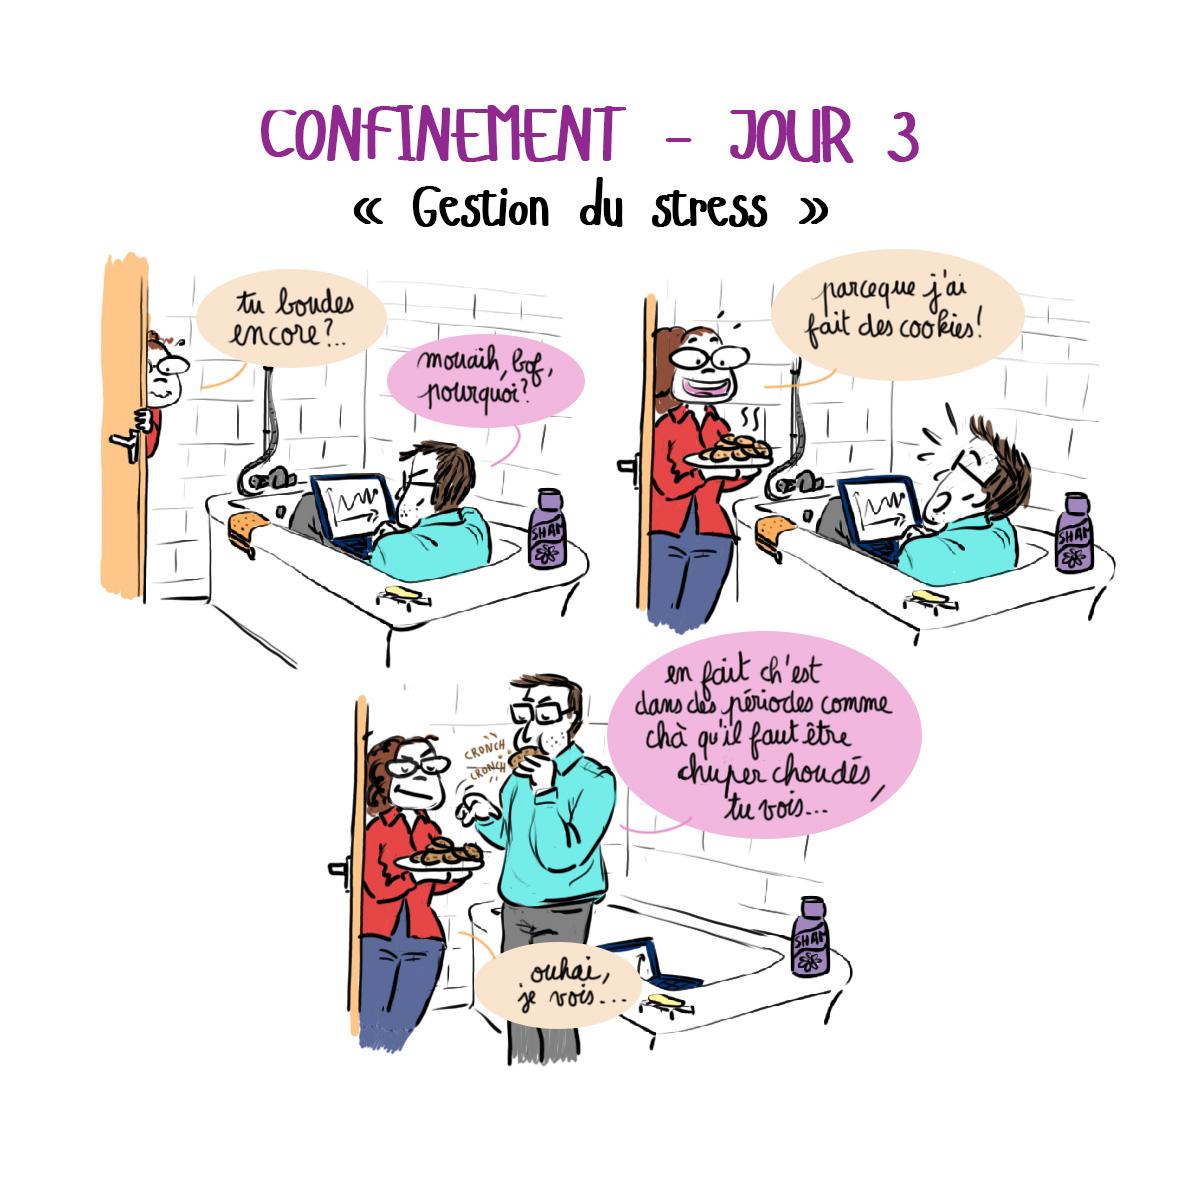 Journal de confinement - jour 3 bis